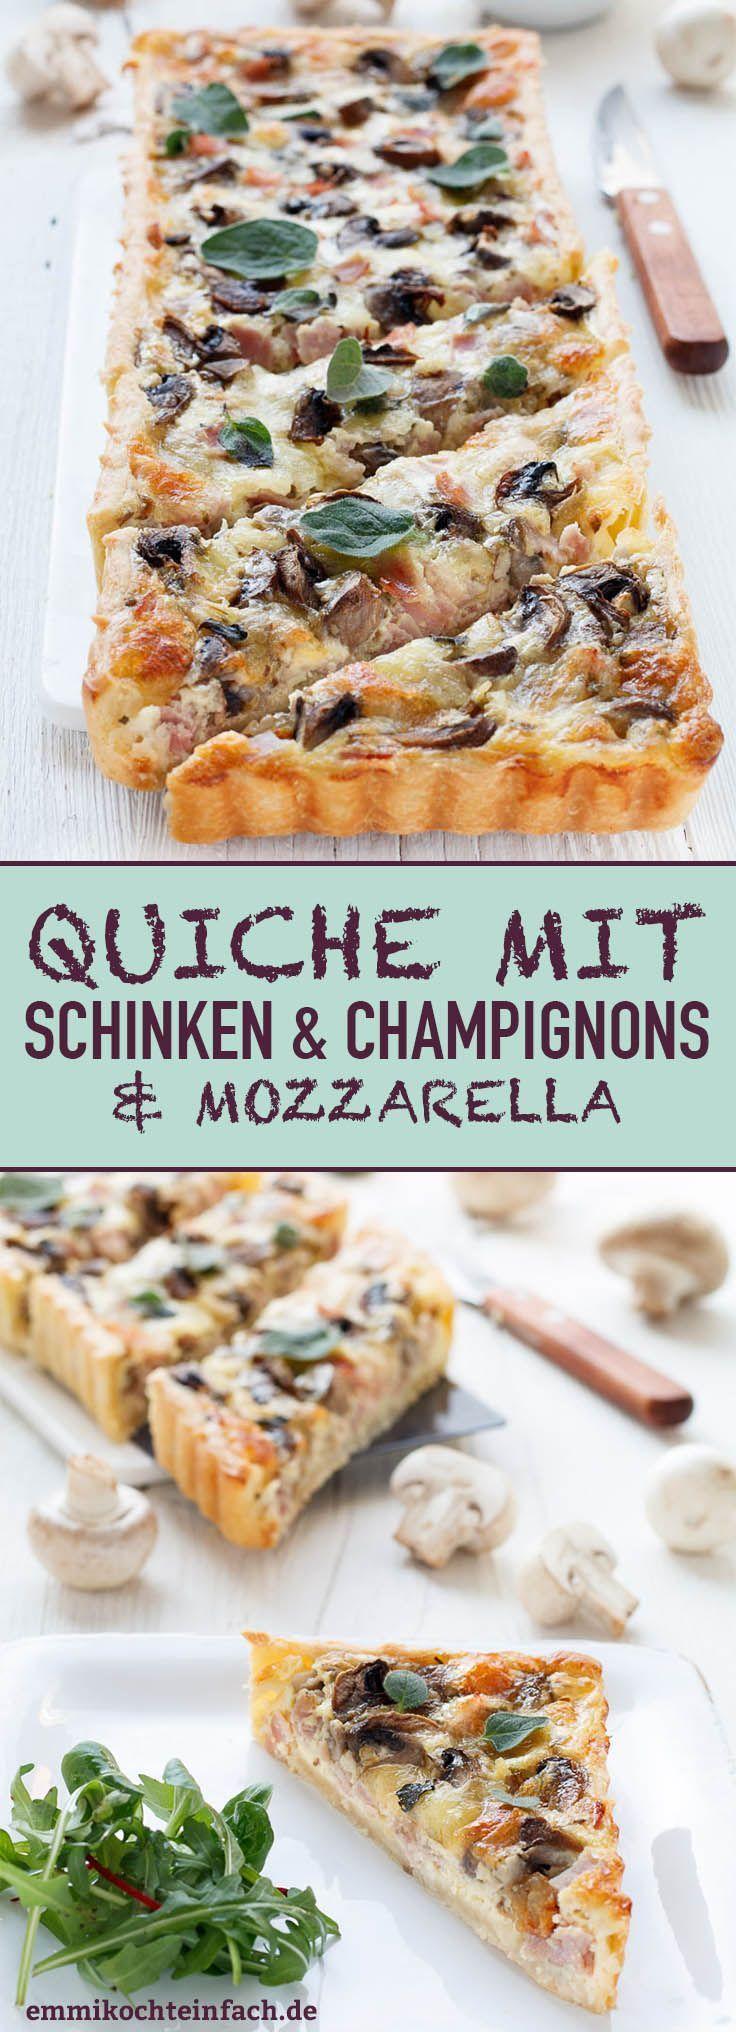 Quiche mit Schinken, Champignons und Mozzarella | Das einfache Rezept. Eine leckere Alternative zur Pizza. Die perfekte Feierabendküche, die auch noch am nächsten Tag kalt schmeckt (z.B. im Büro) | #quiche #champignons #mozzarella #herzhaft #selbstgemacht #rezept #einfachkochen | emmikochteinfach.de